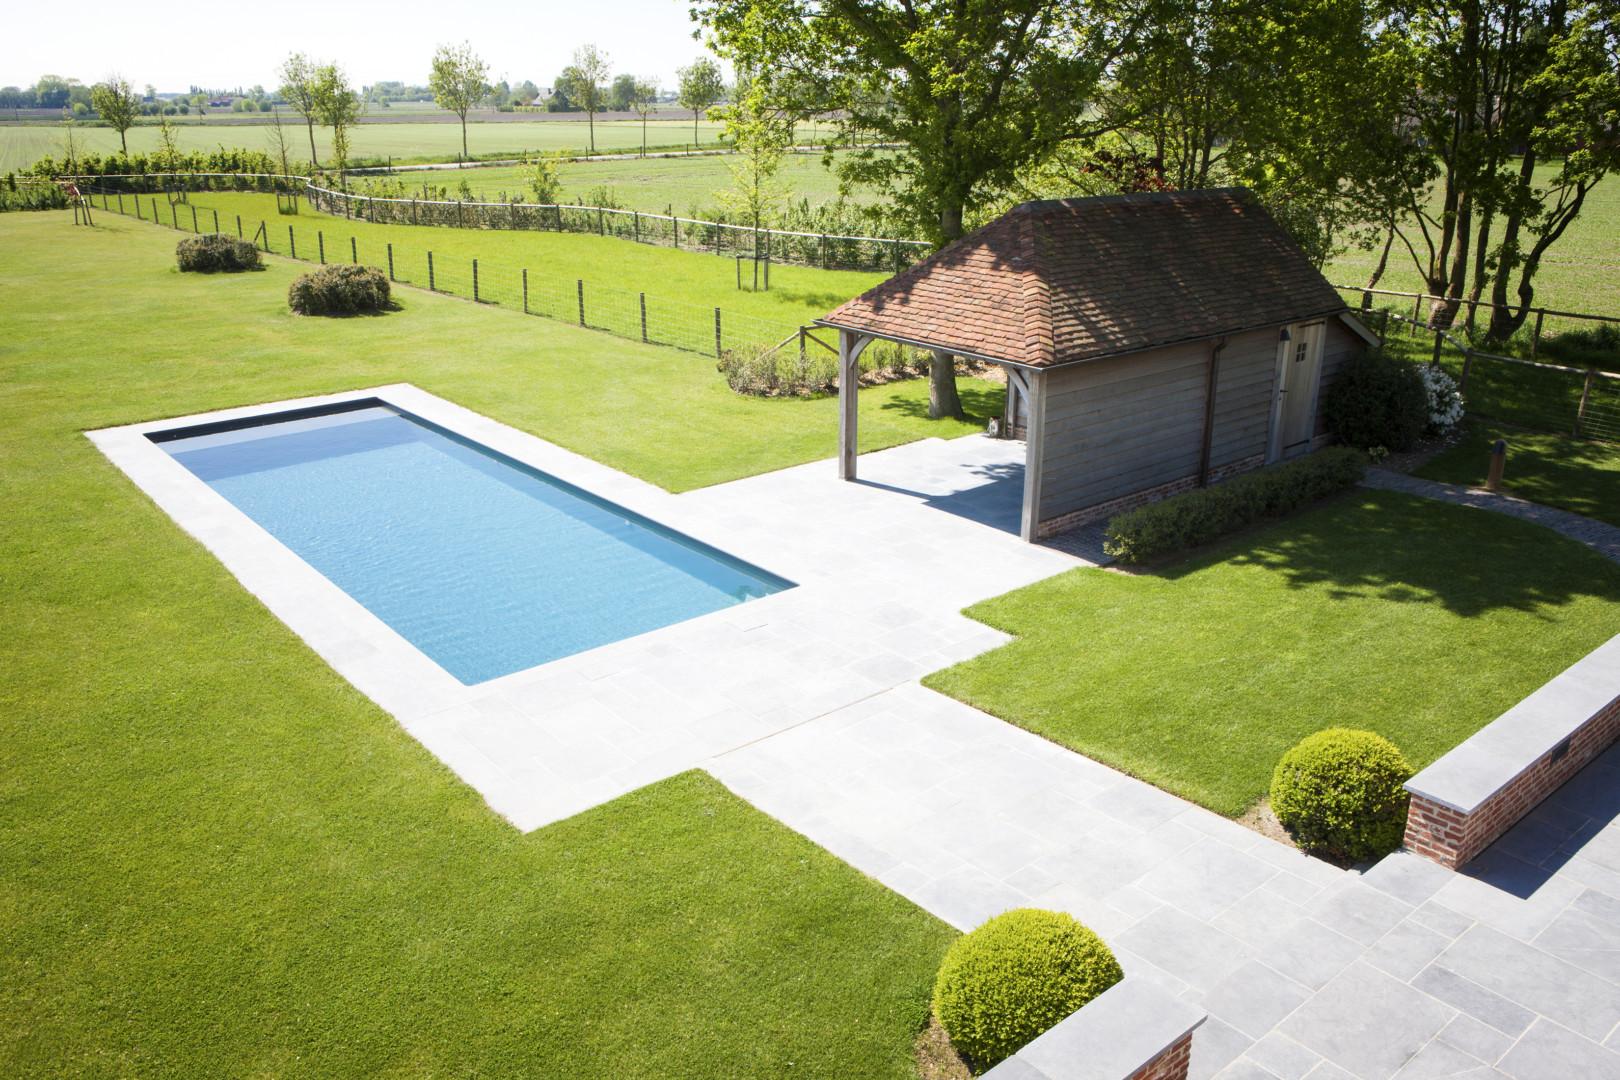 azuralux betonnen zwembad bekleed in liner in landelijke tuin